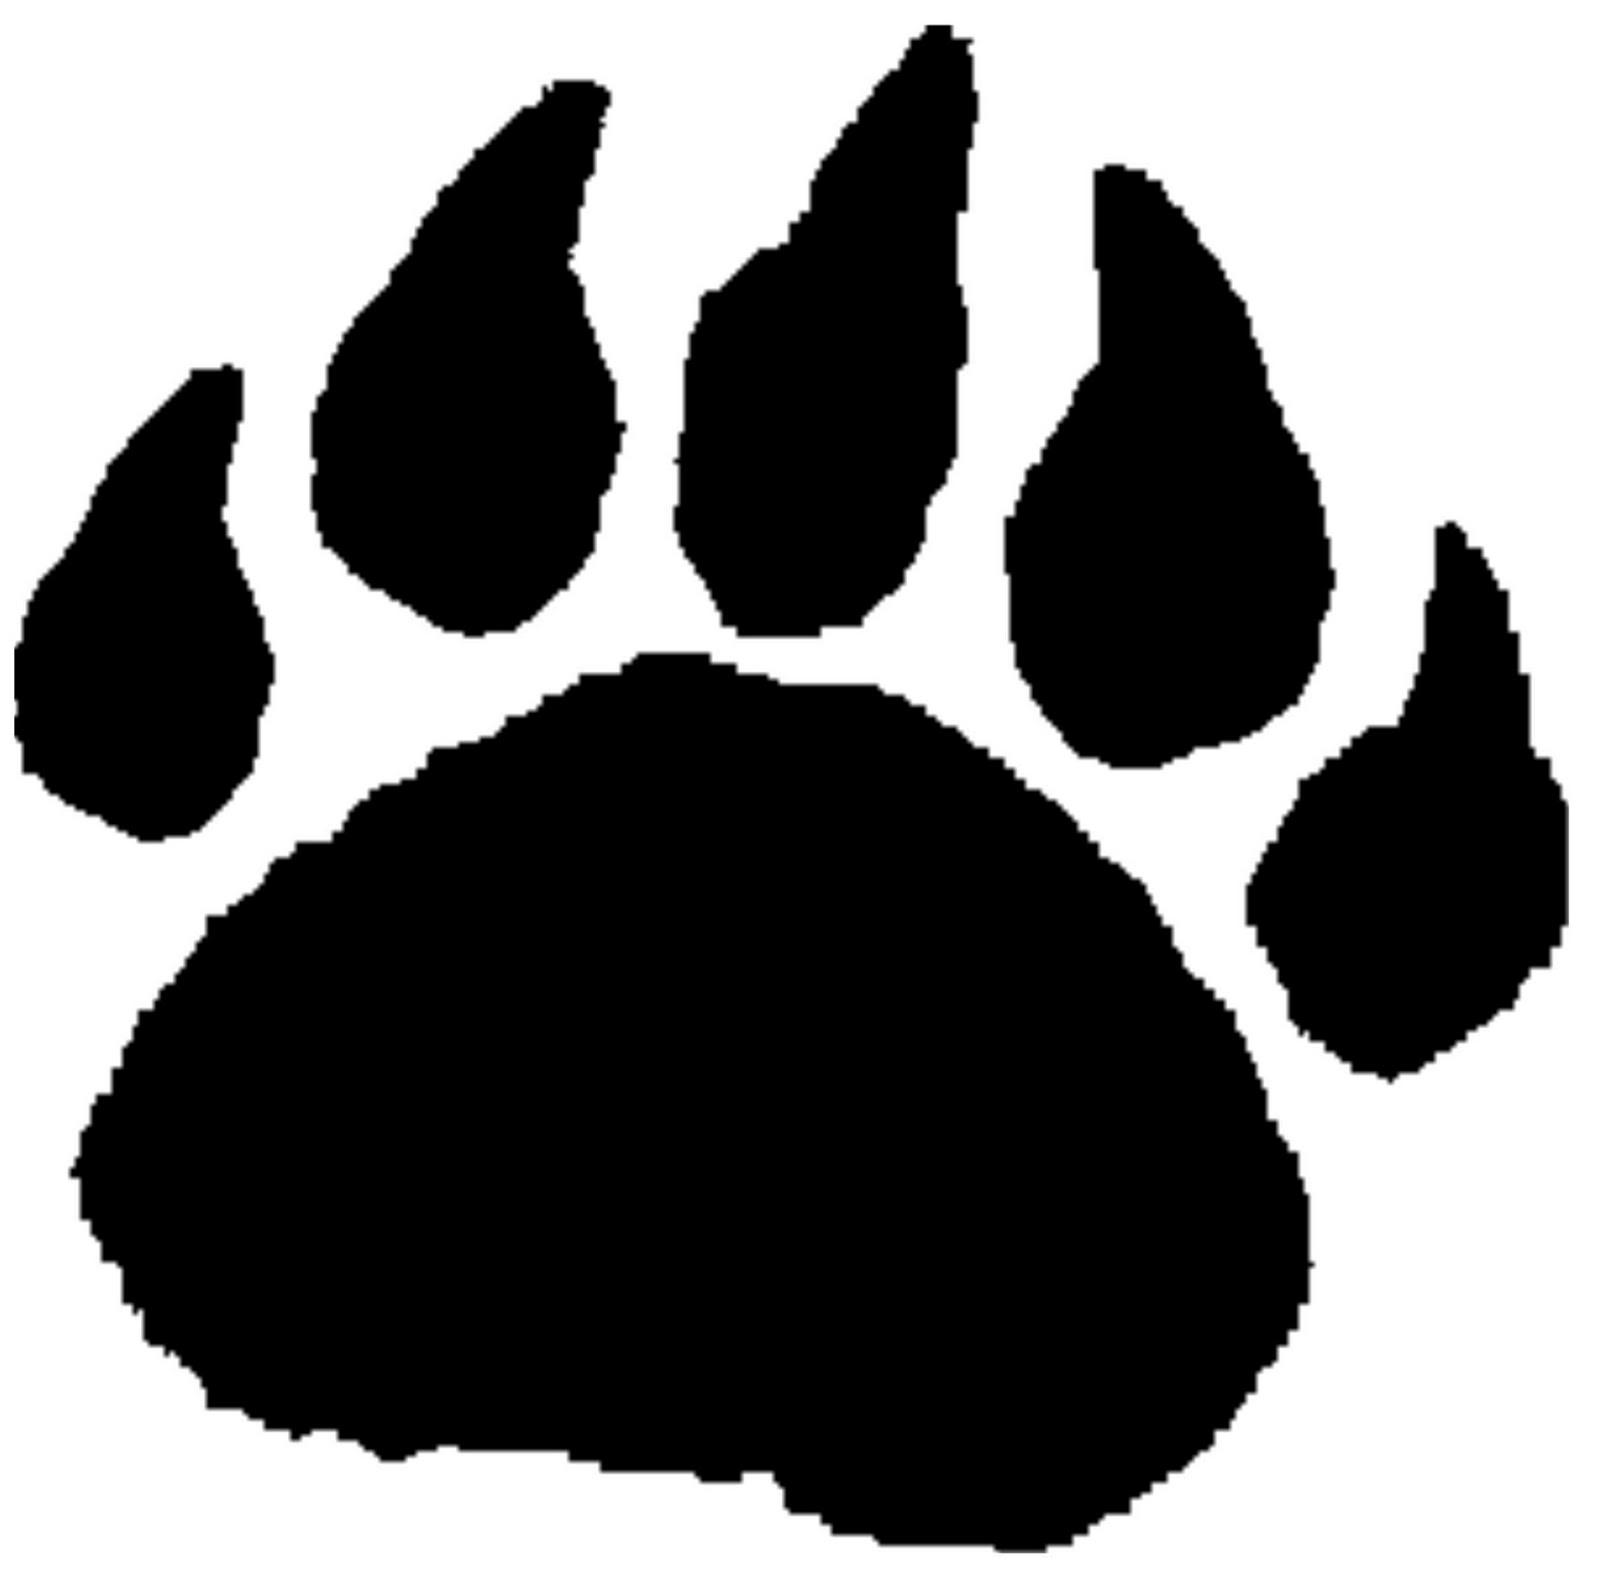 Bear footprint silhouette clipart banner library download Free Bear Paw Print, Download Free Clip Art, Free Clip Art on ... banner library download